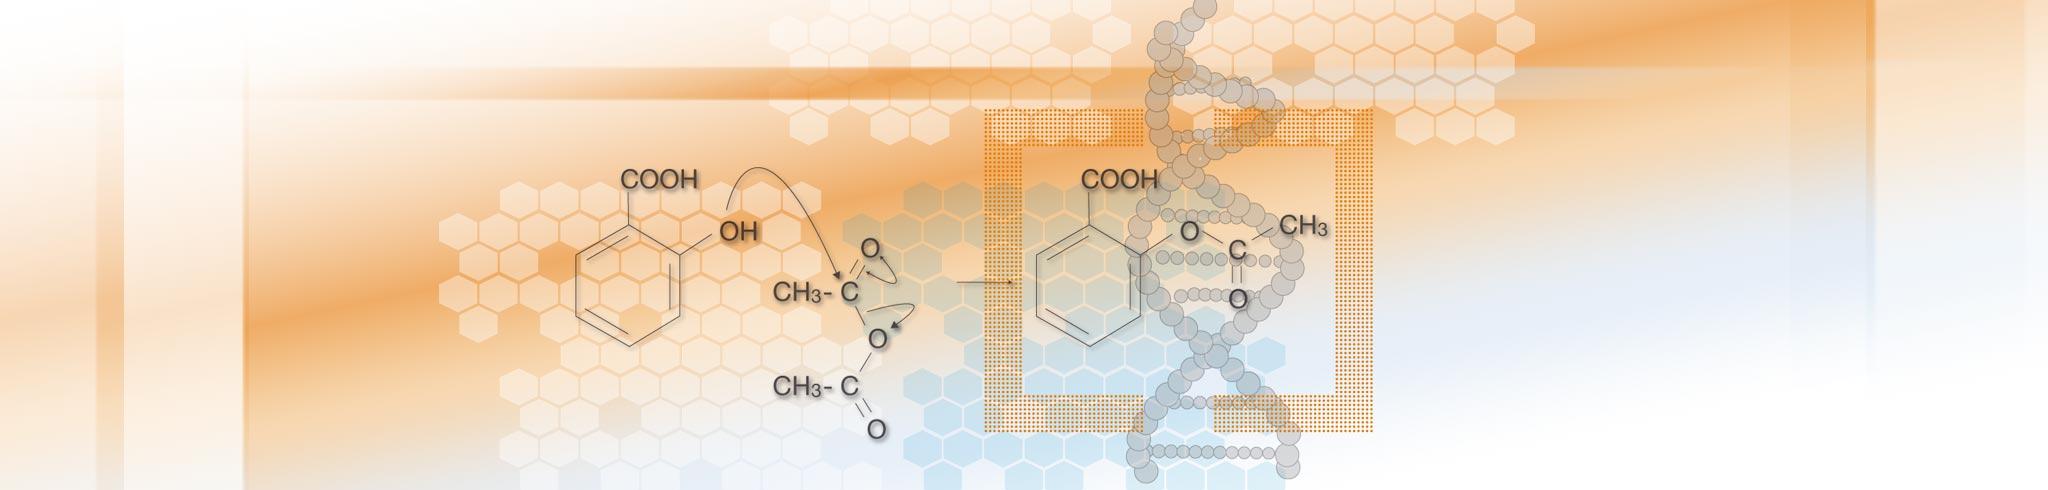 brevets pour la chimie